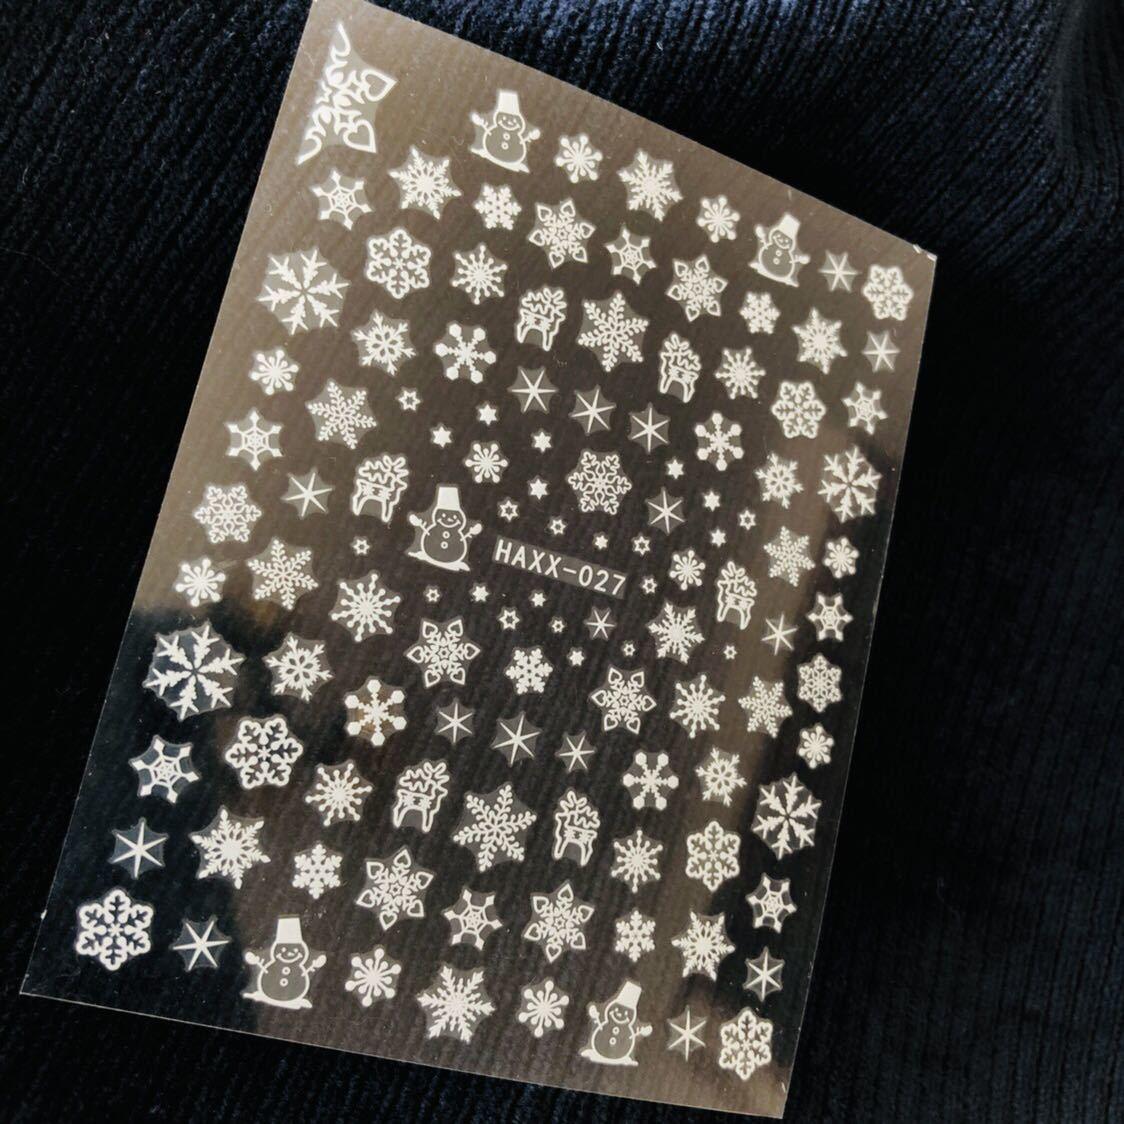 【送料込み】ネイルシール新品未使用★雪の結晶 スノーフレーク クリスマス Dホワイト